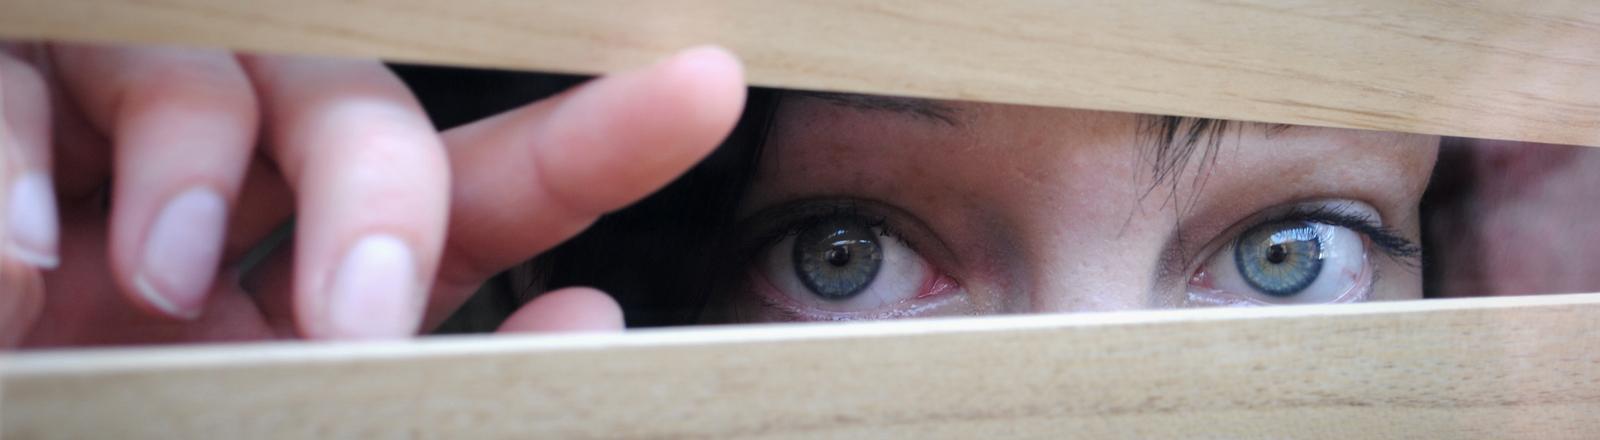 Eine Frau schaut heimlich und neugierig durch ein Fenster, sie linst durch die Jalousien.